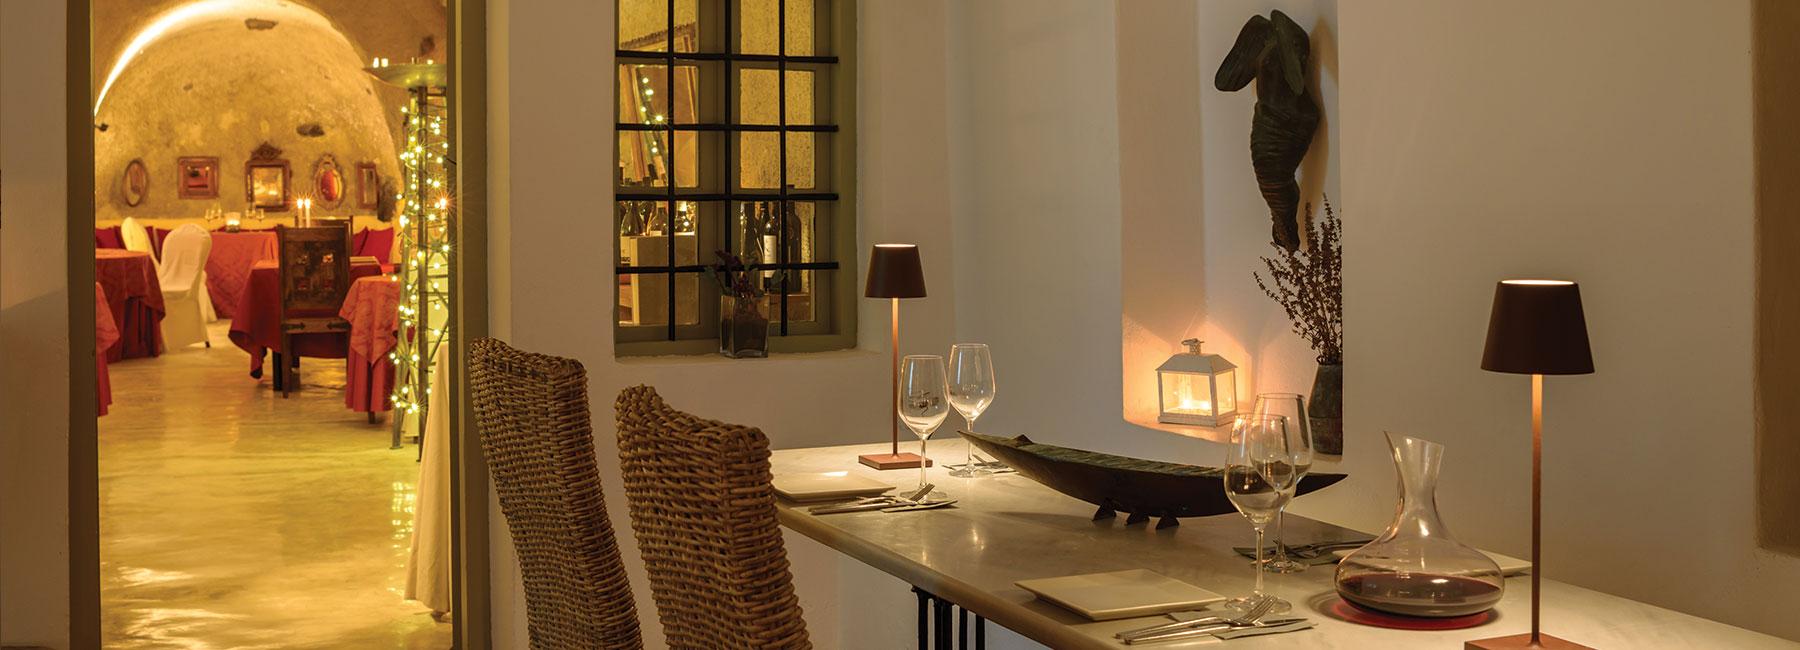 The Wine Bar Atrium